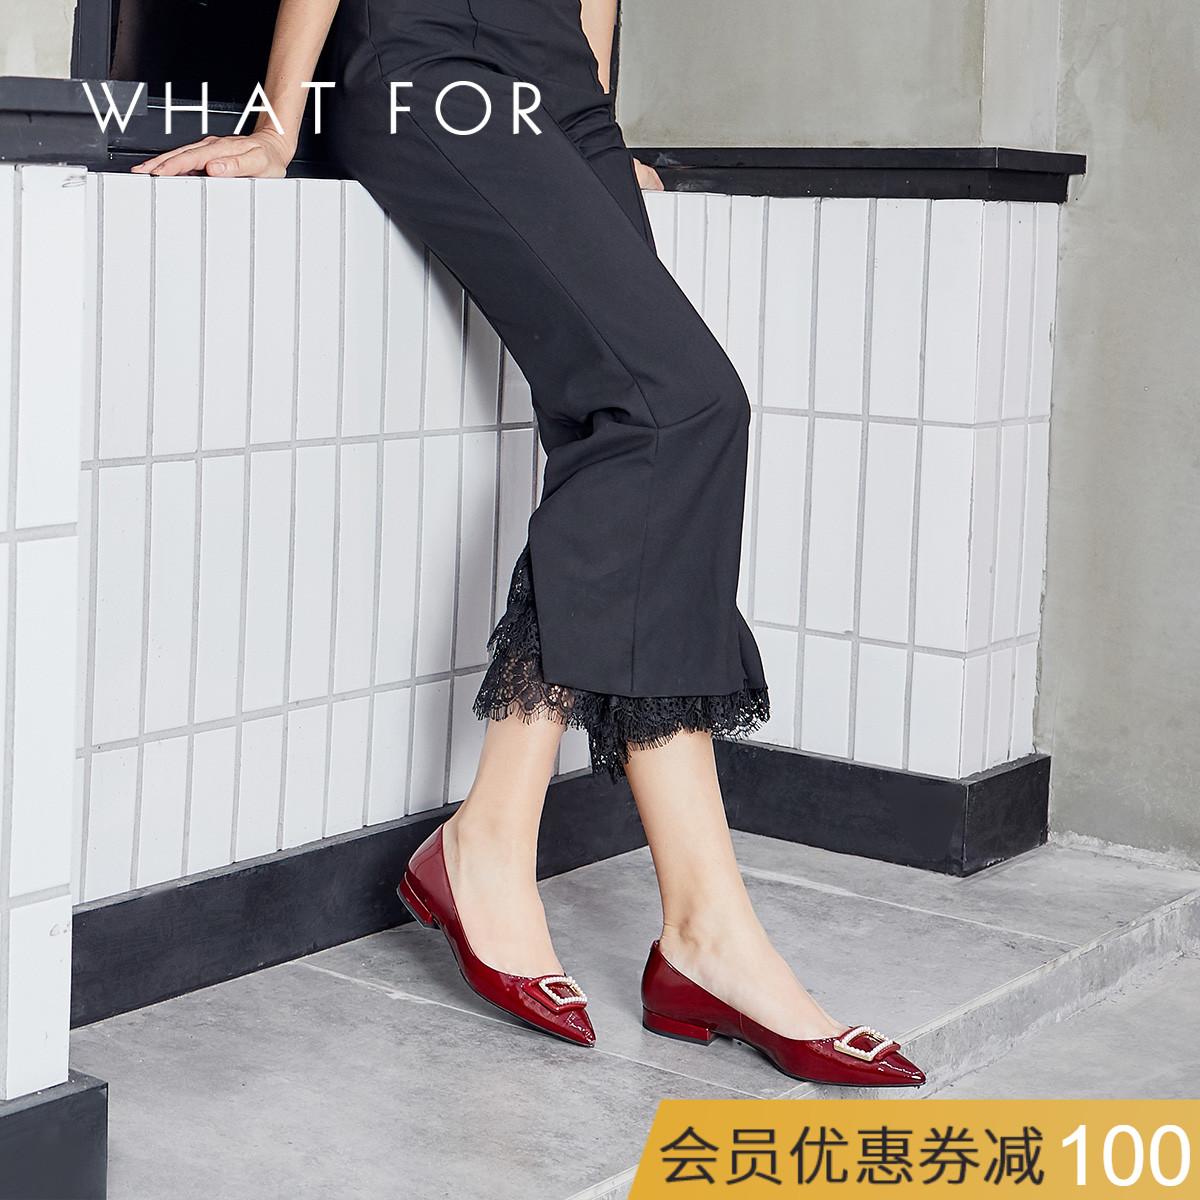 WHAT FOR2018秋季新款羊皮漆皮珍珠浅口尖头时尚低跟女单鞋婚鞋